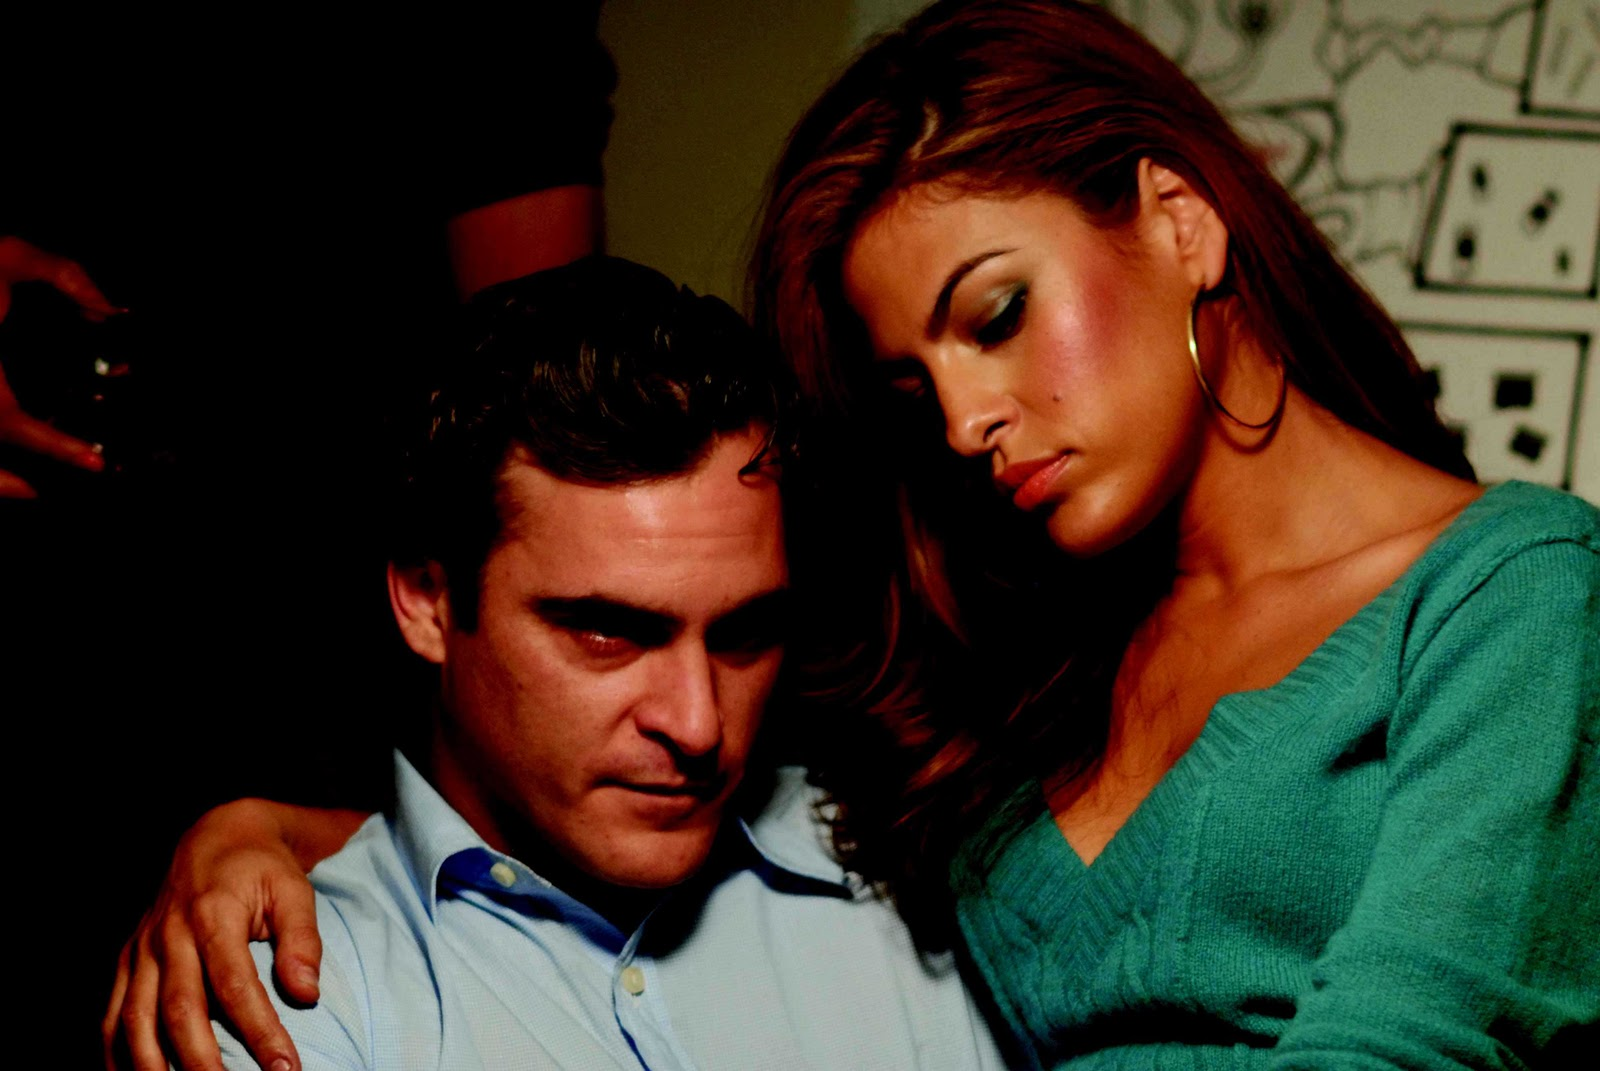 http://1.bp.blogspot.com/_jOzDL71MKF8/TNbKg0EPRCI/AAAAAAAAAMo/taLO5QGfBlI/s1600/Bobby+e+Amada.jpg